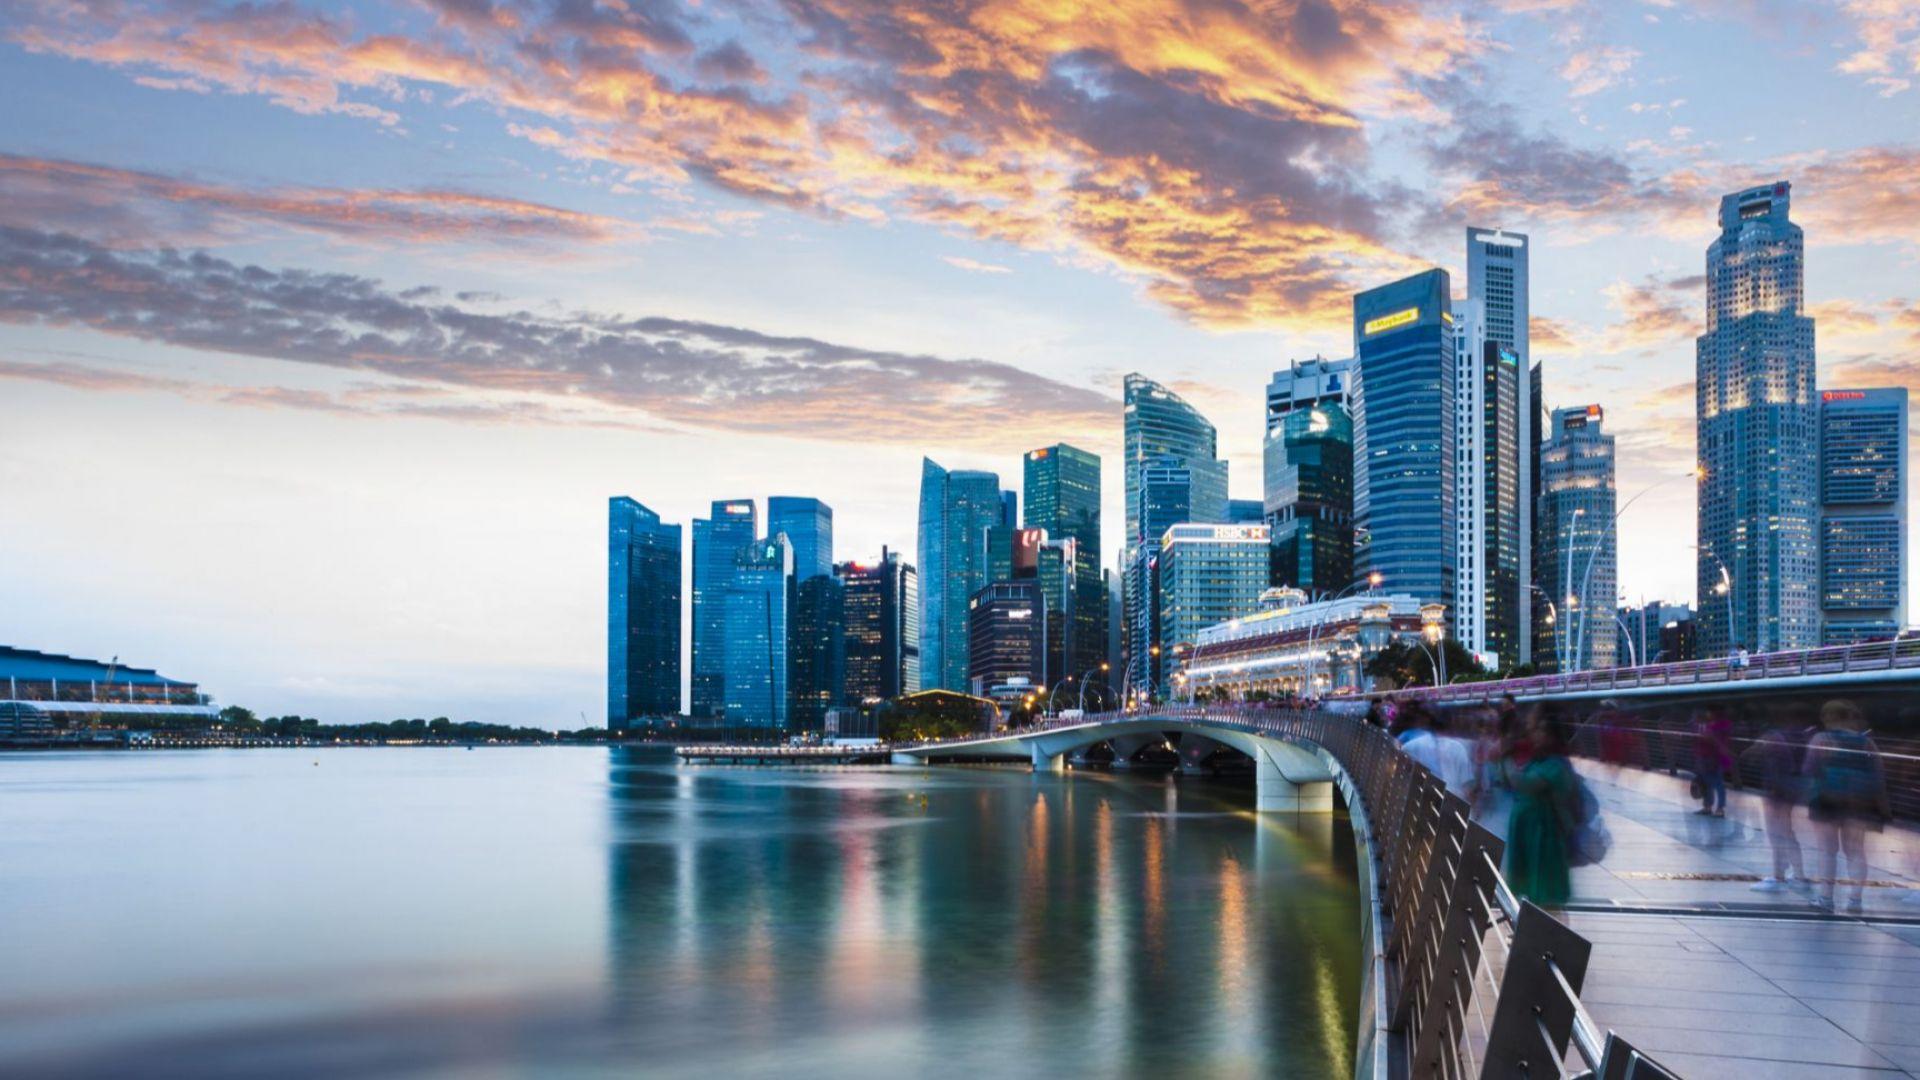 През 2020 г. Сингапур преживя най-тежката икономическа рецесия в историята си